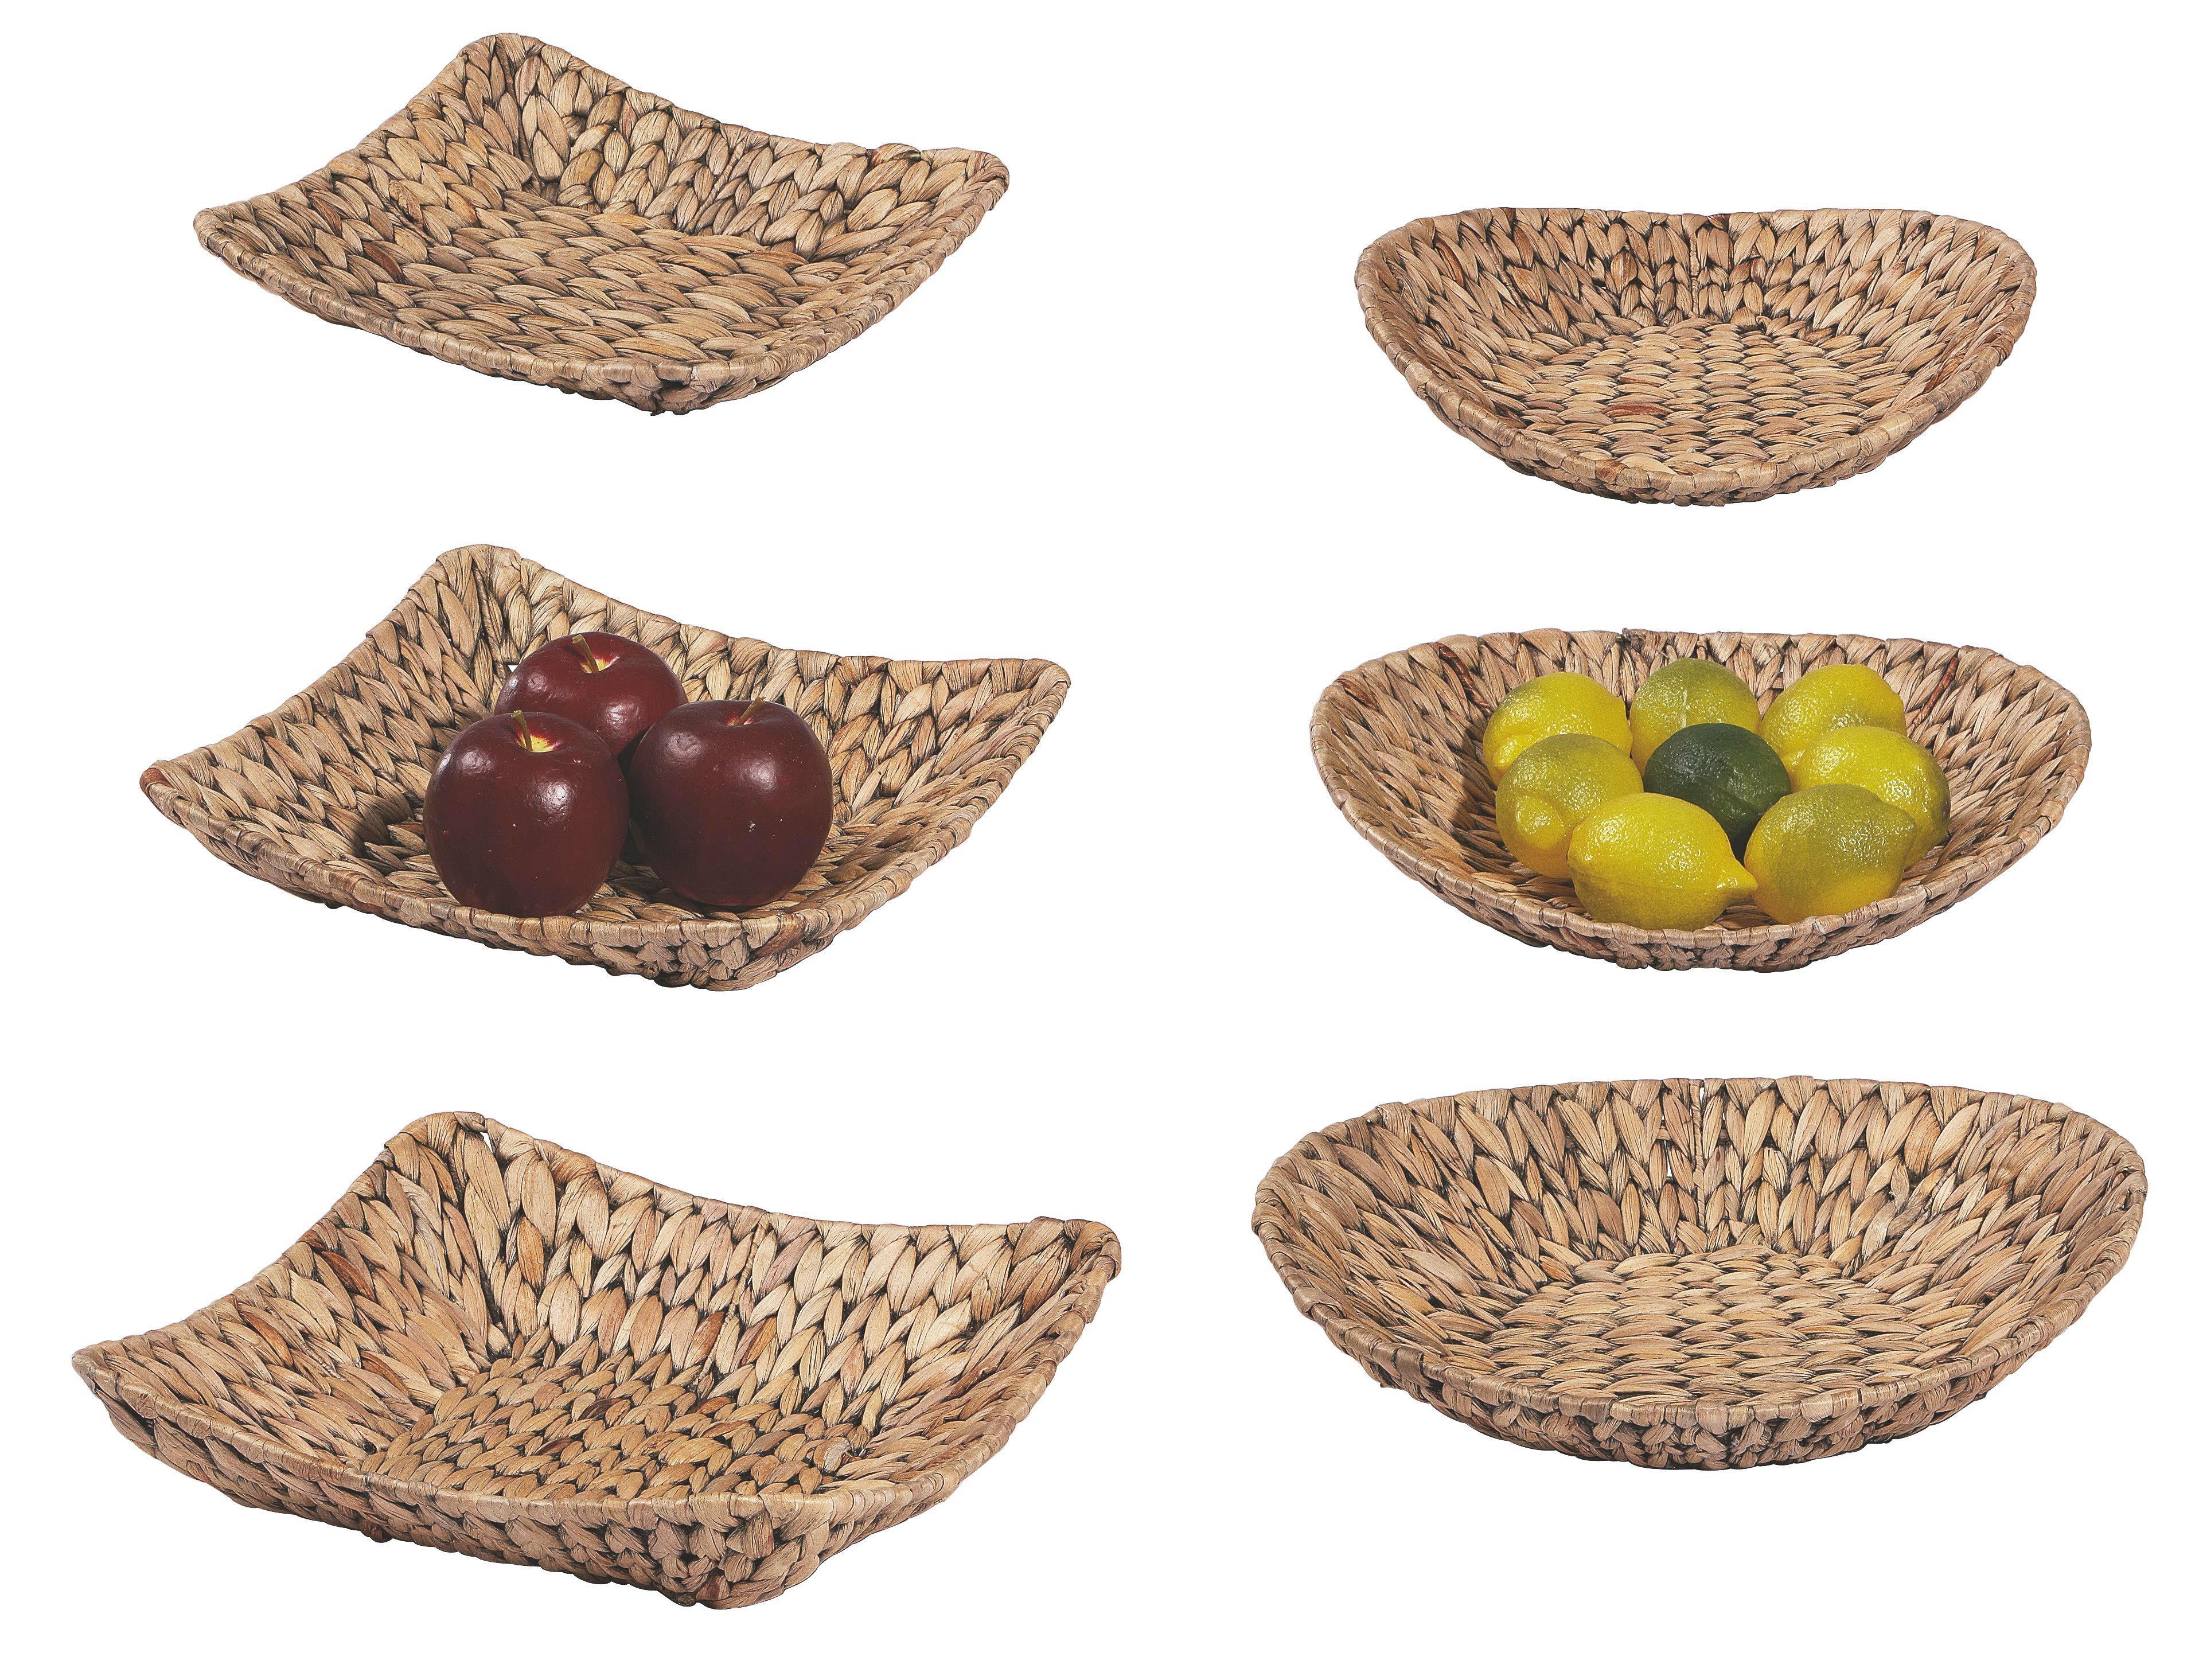 Zdjela Dekorativna Emy - Set 3-teilig - crna/natur boje, Konvencionalno, metal/daljnji prirodni materijali - OMBRA